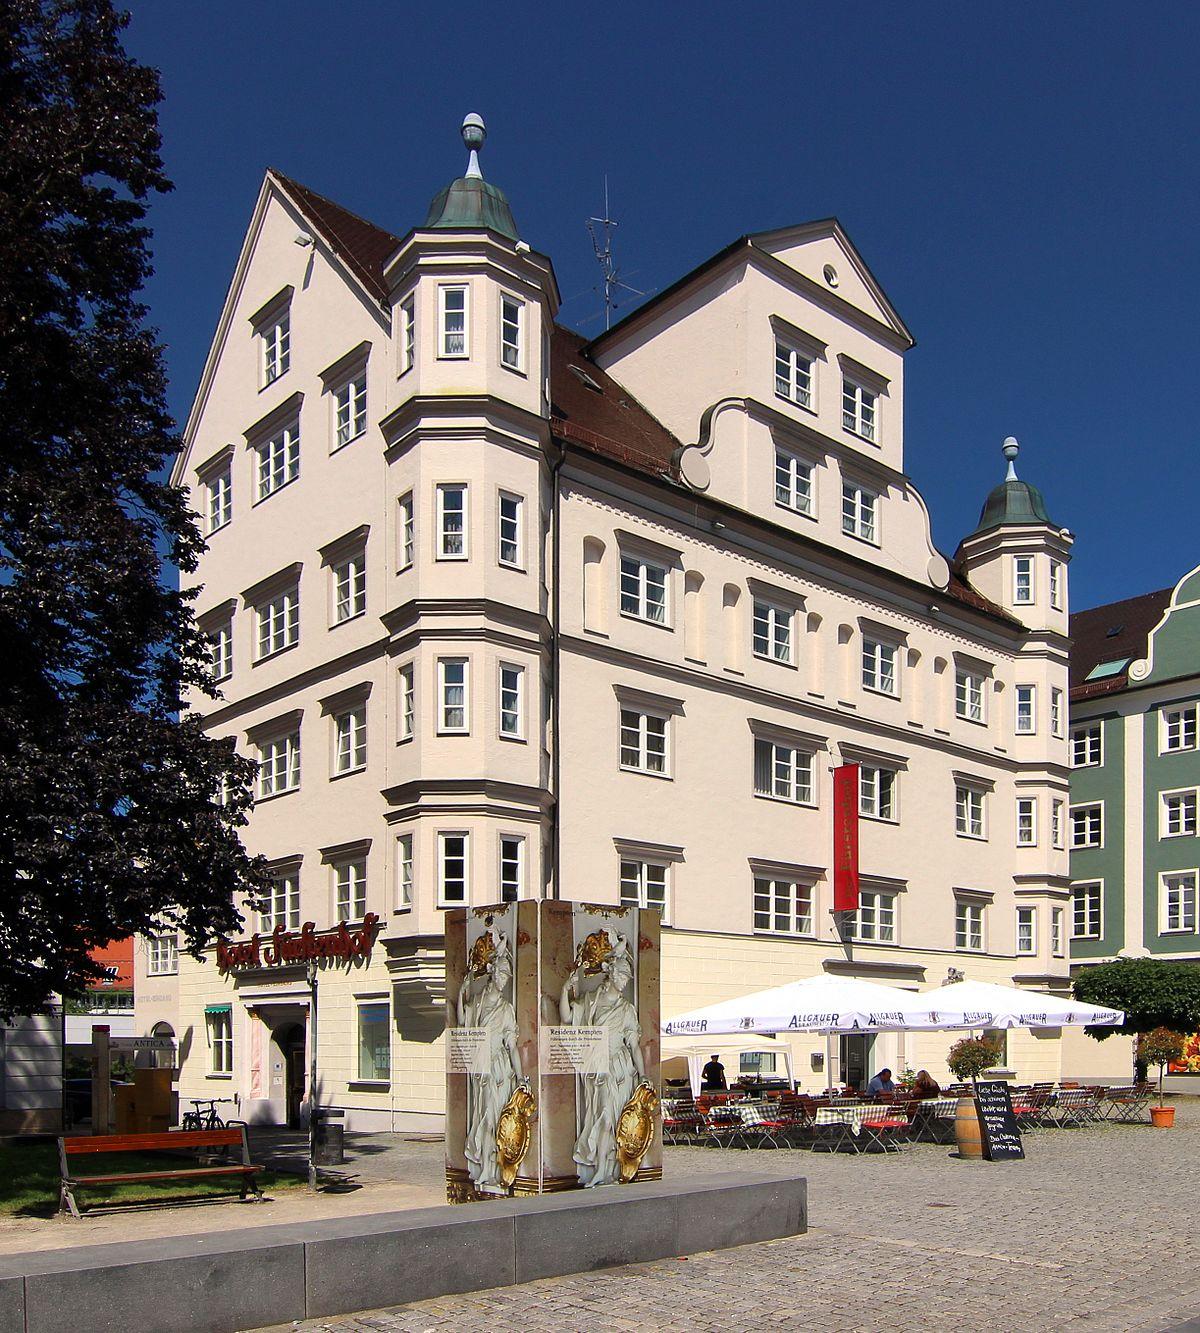 Hotel Cafe Zur M Ef Bf Bdhle Kappeln